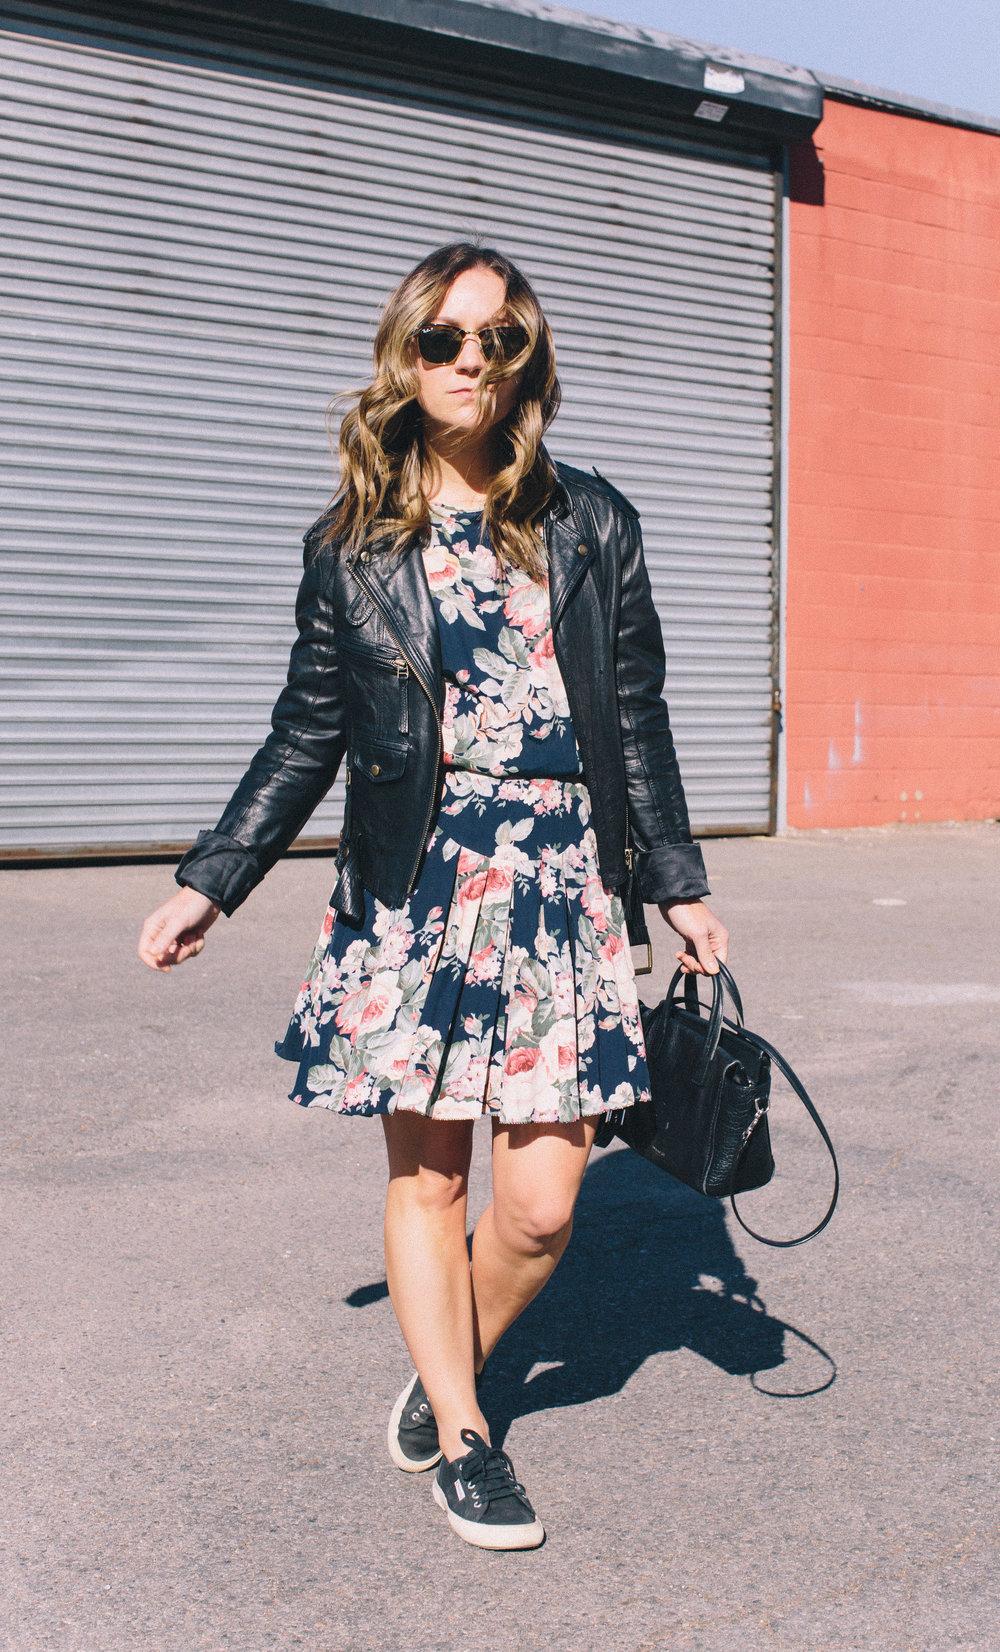 fizz-fade-vintage-floral-dress-3.jpg